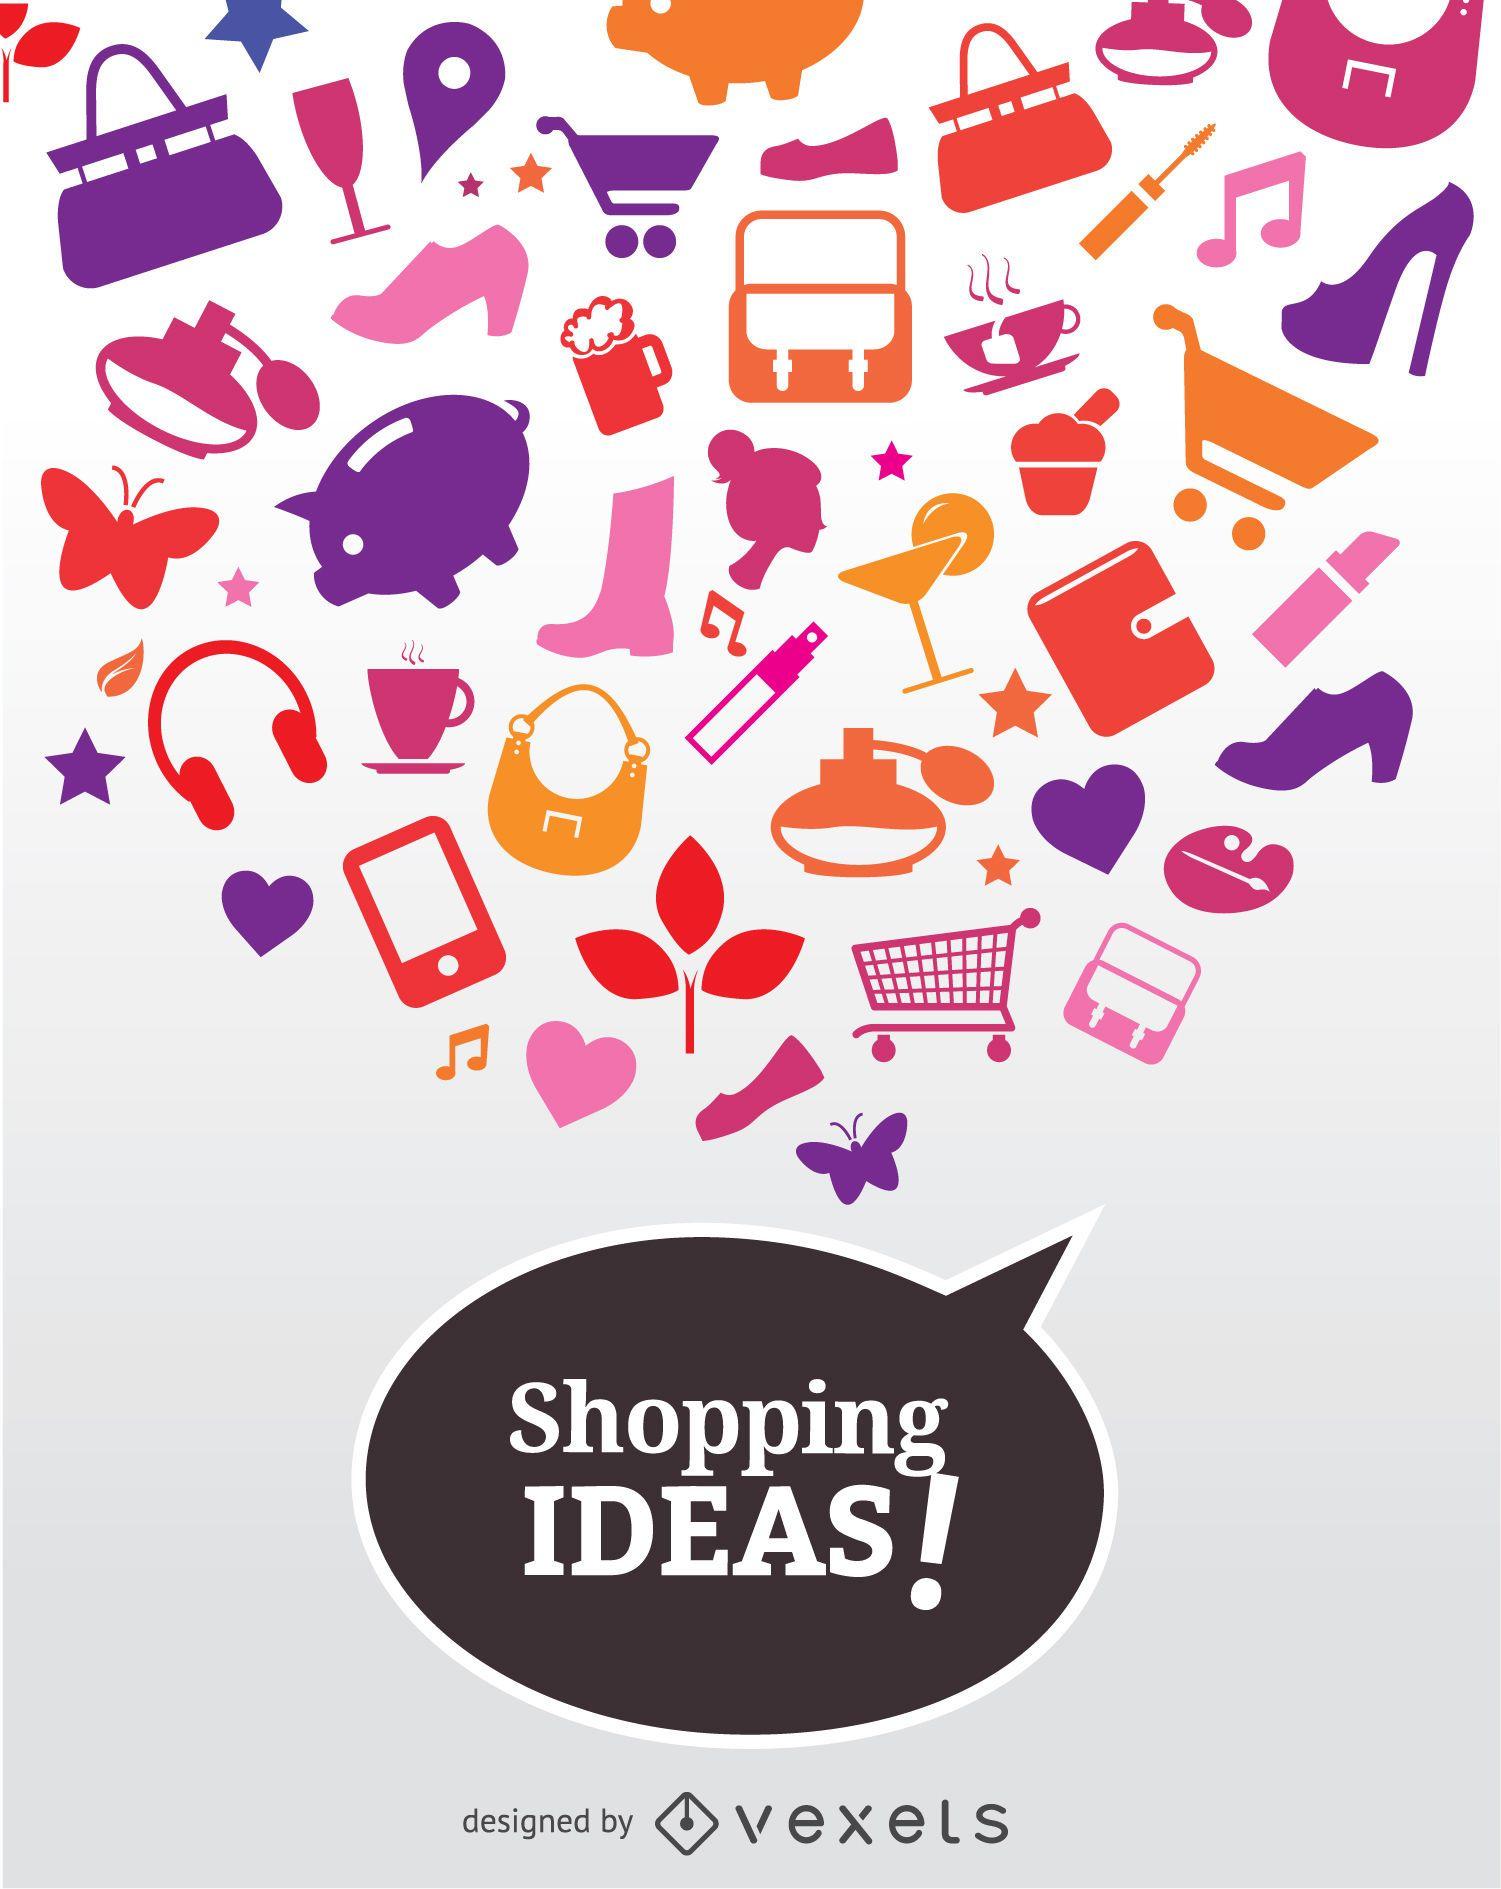 Cartel de iconos de ideas de compras